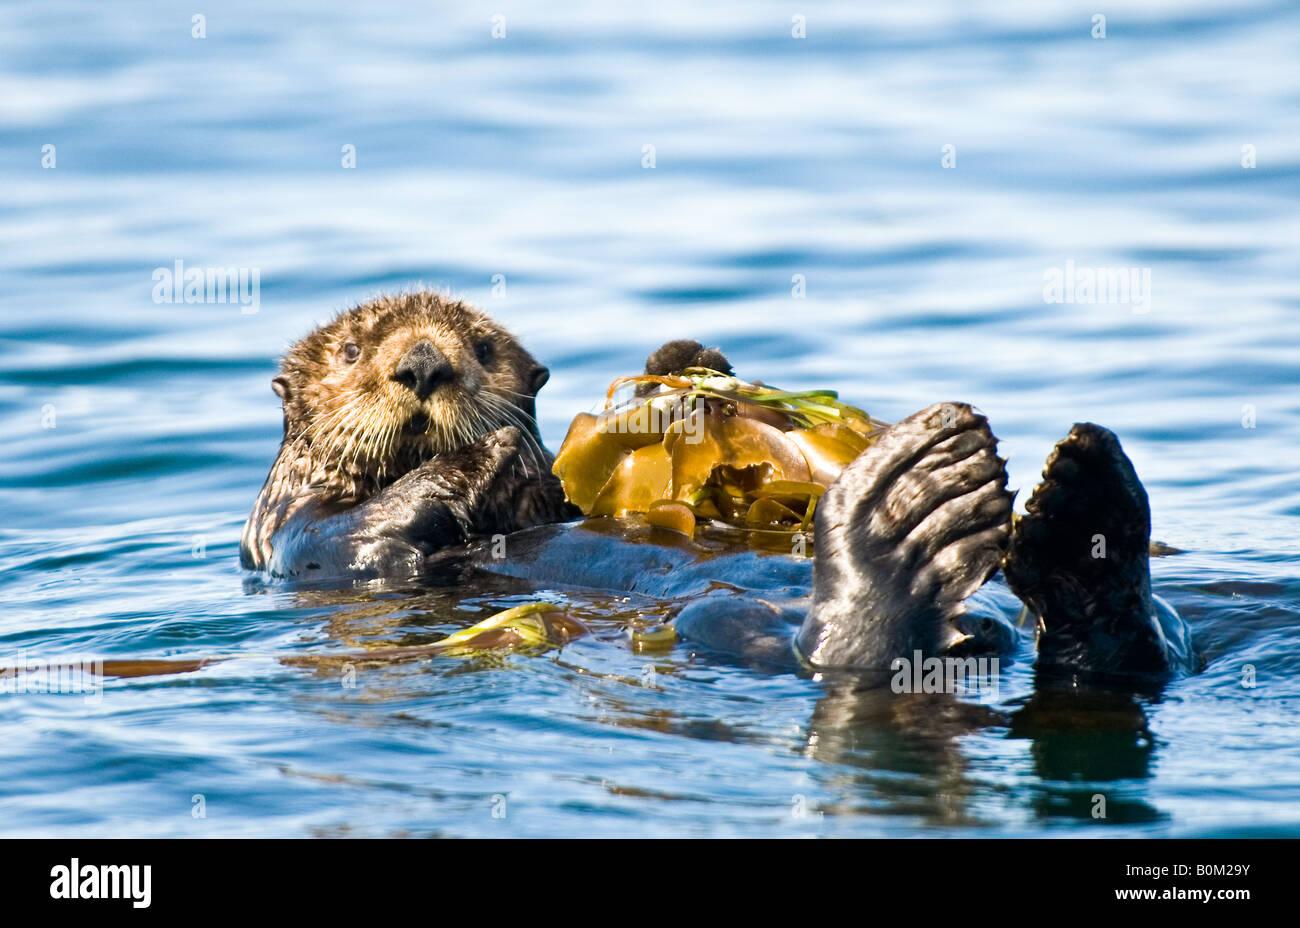 USA Alaska Sea Otter reposant sur lit de varech dans ocean Banque D'Images